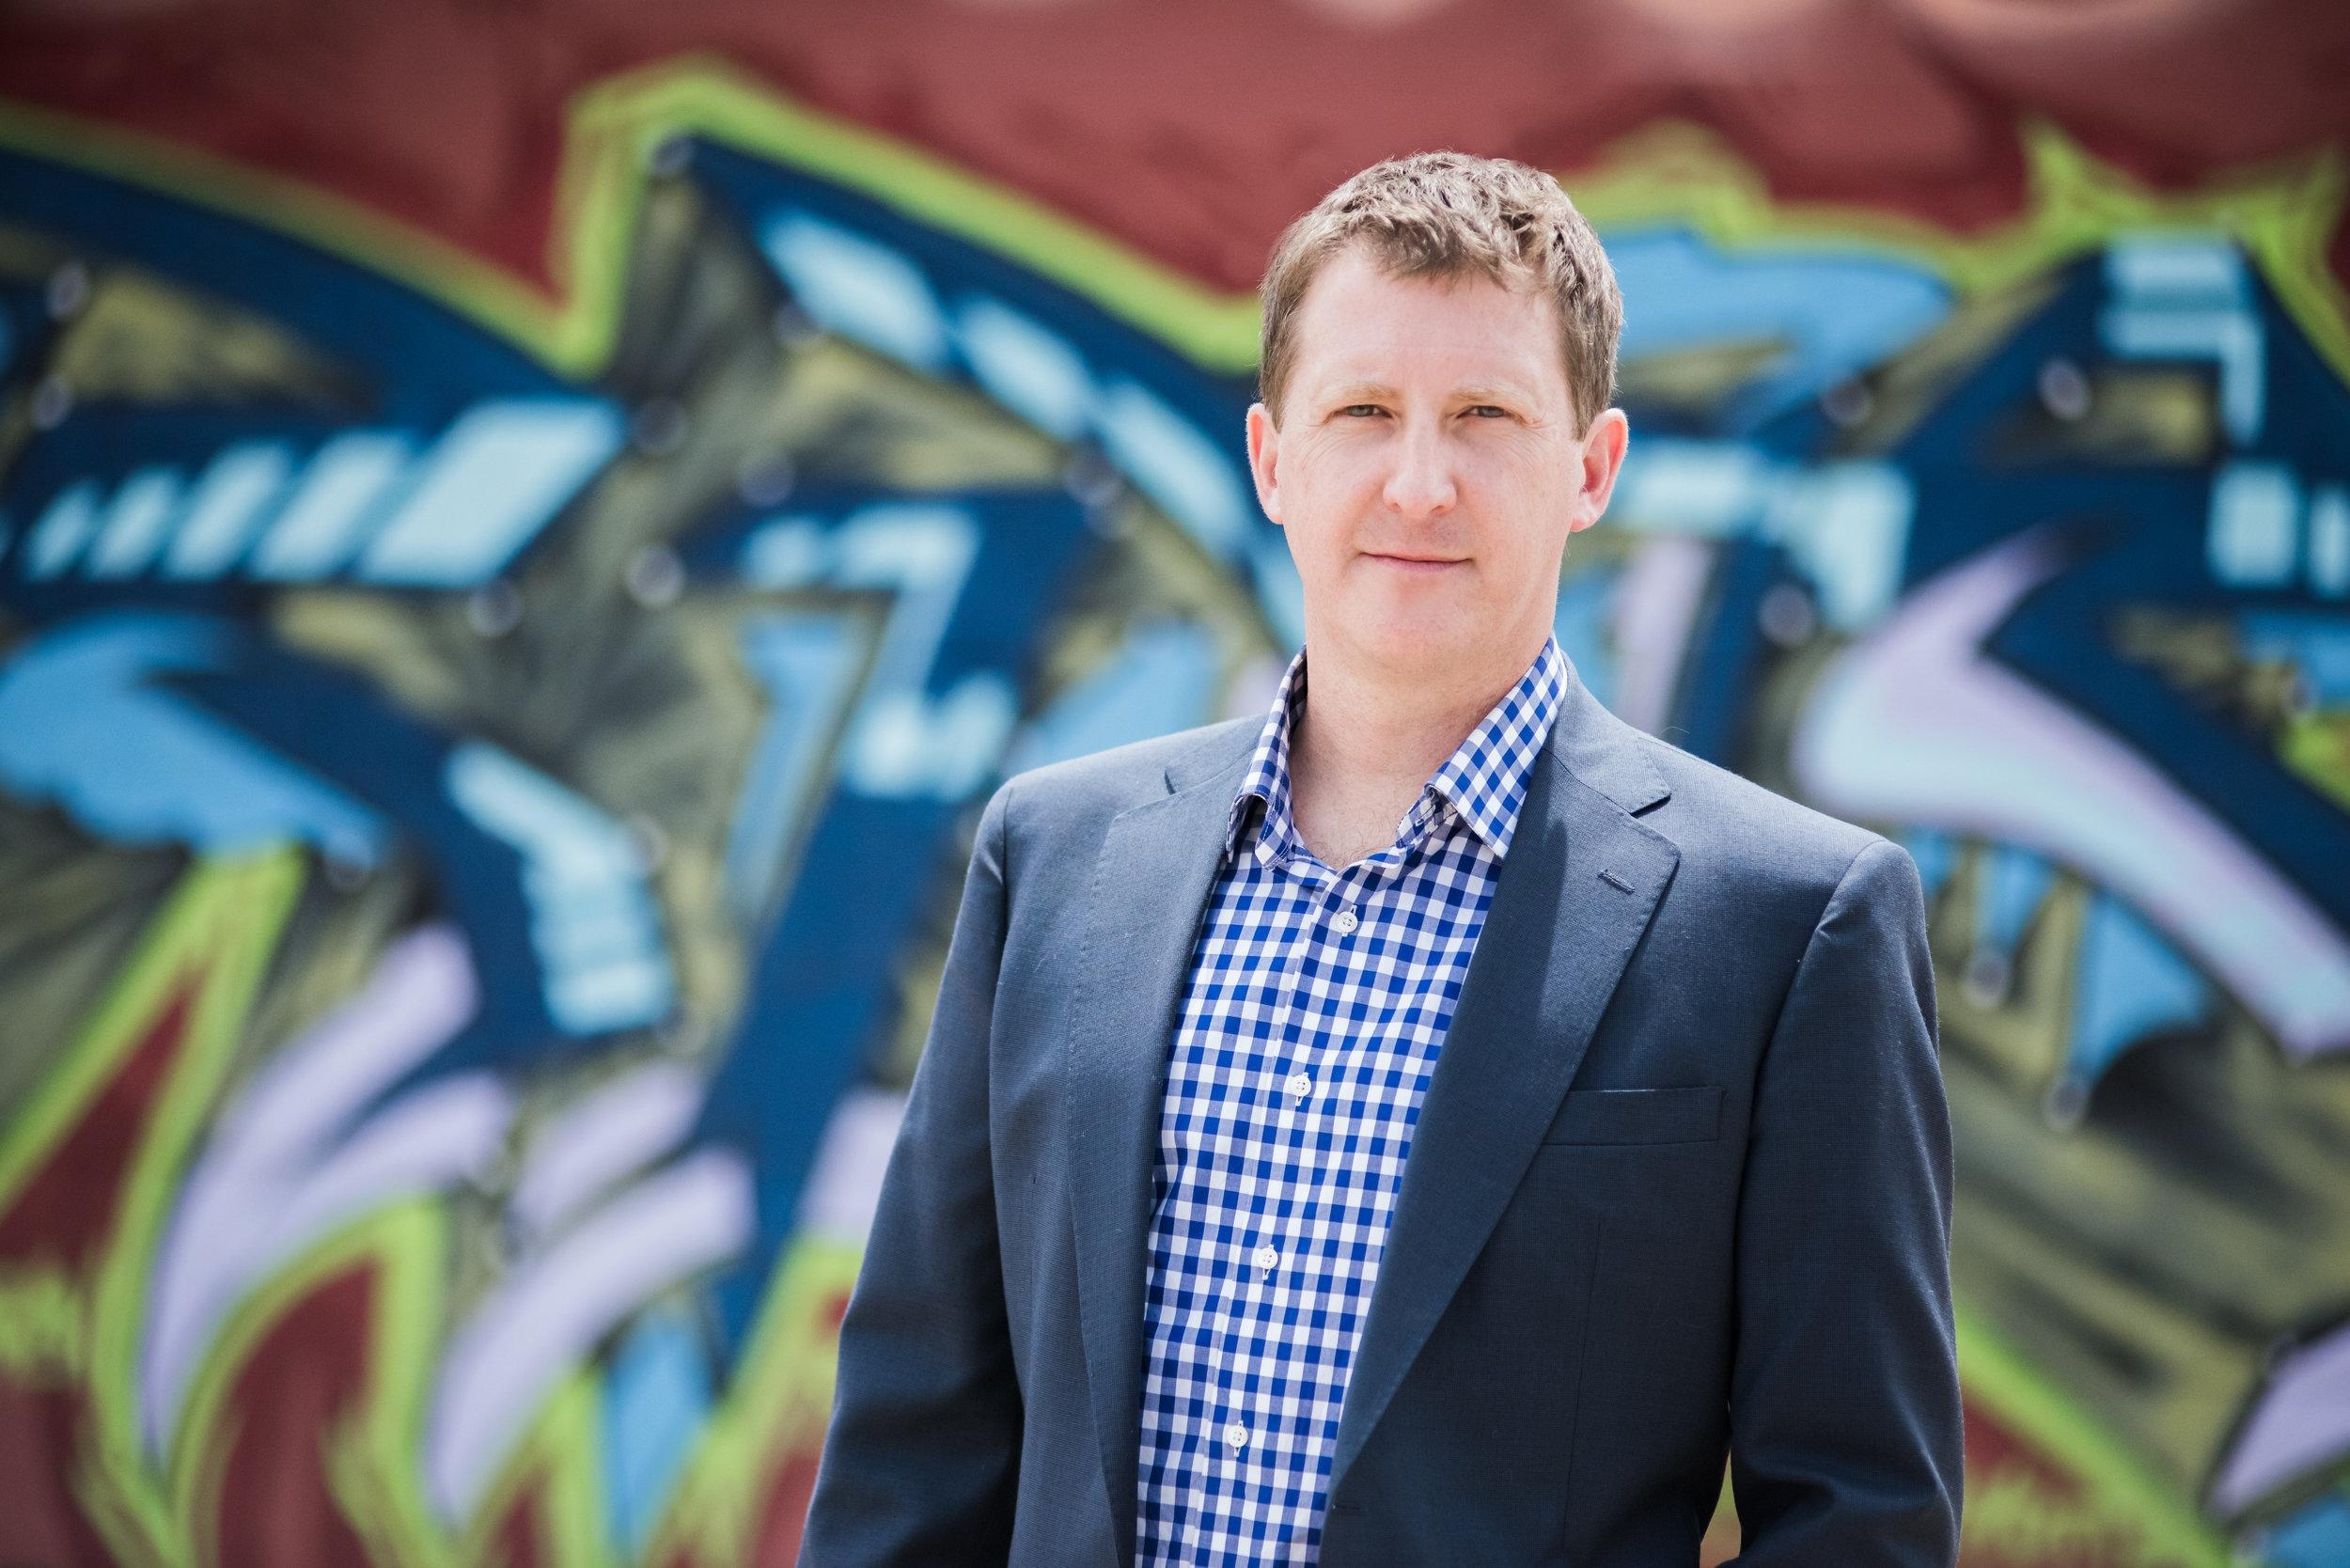 Matt Davis, Principal & Owner